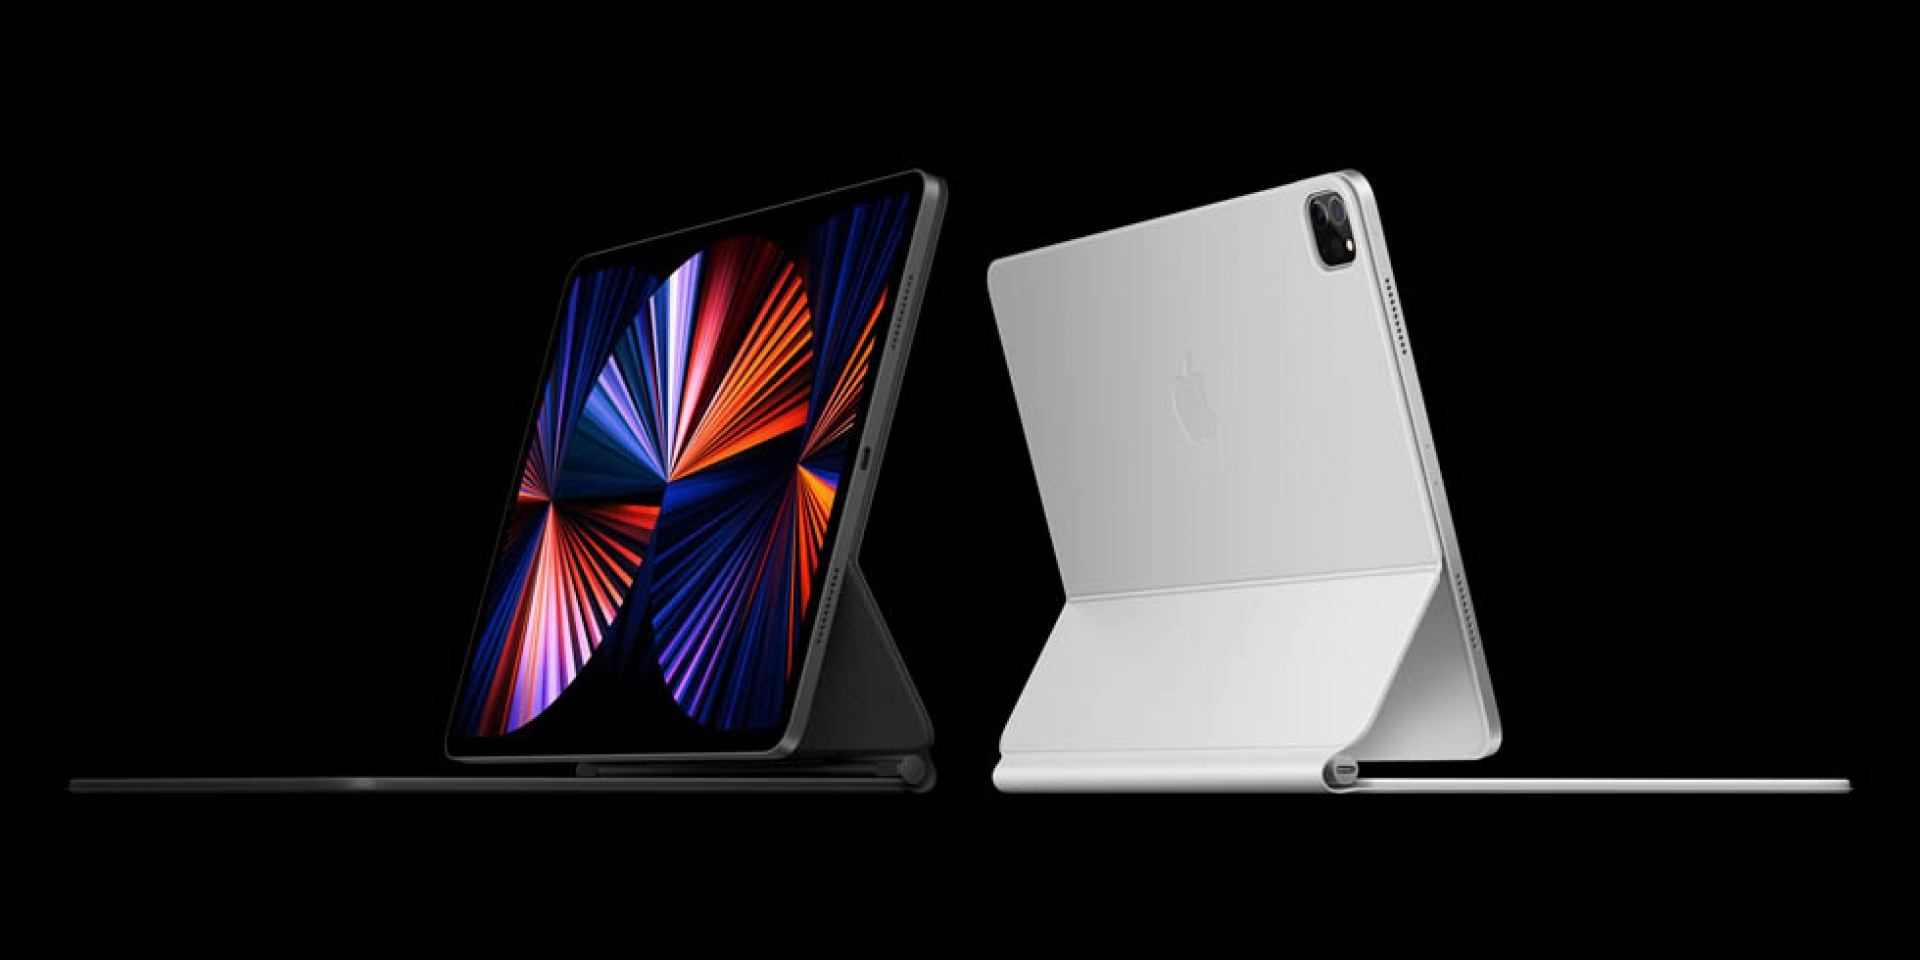 M1晶片、mini-LED螢幕上身,全新iPad Pro發表 選到頂突破7萬元